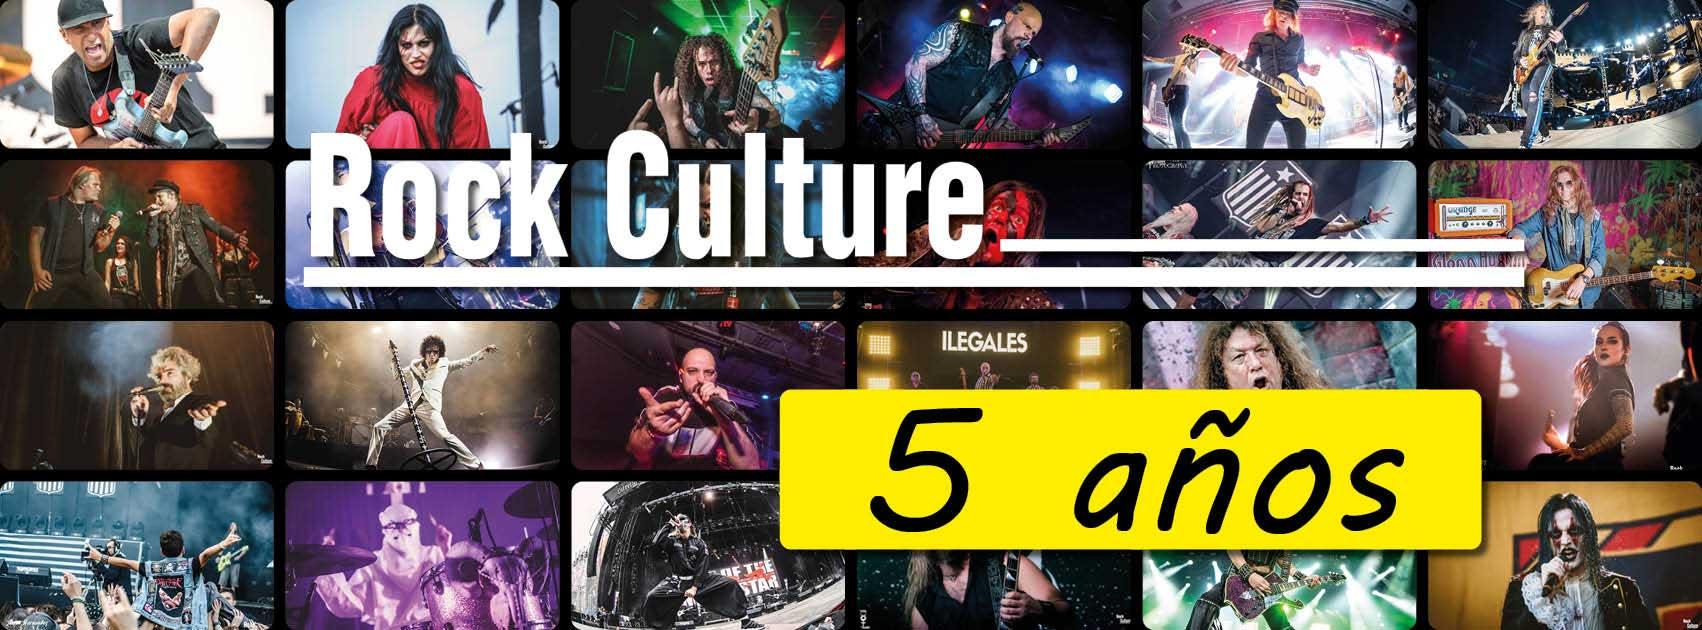 5-años-rock-culture